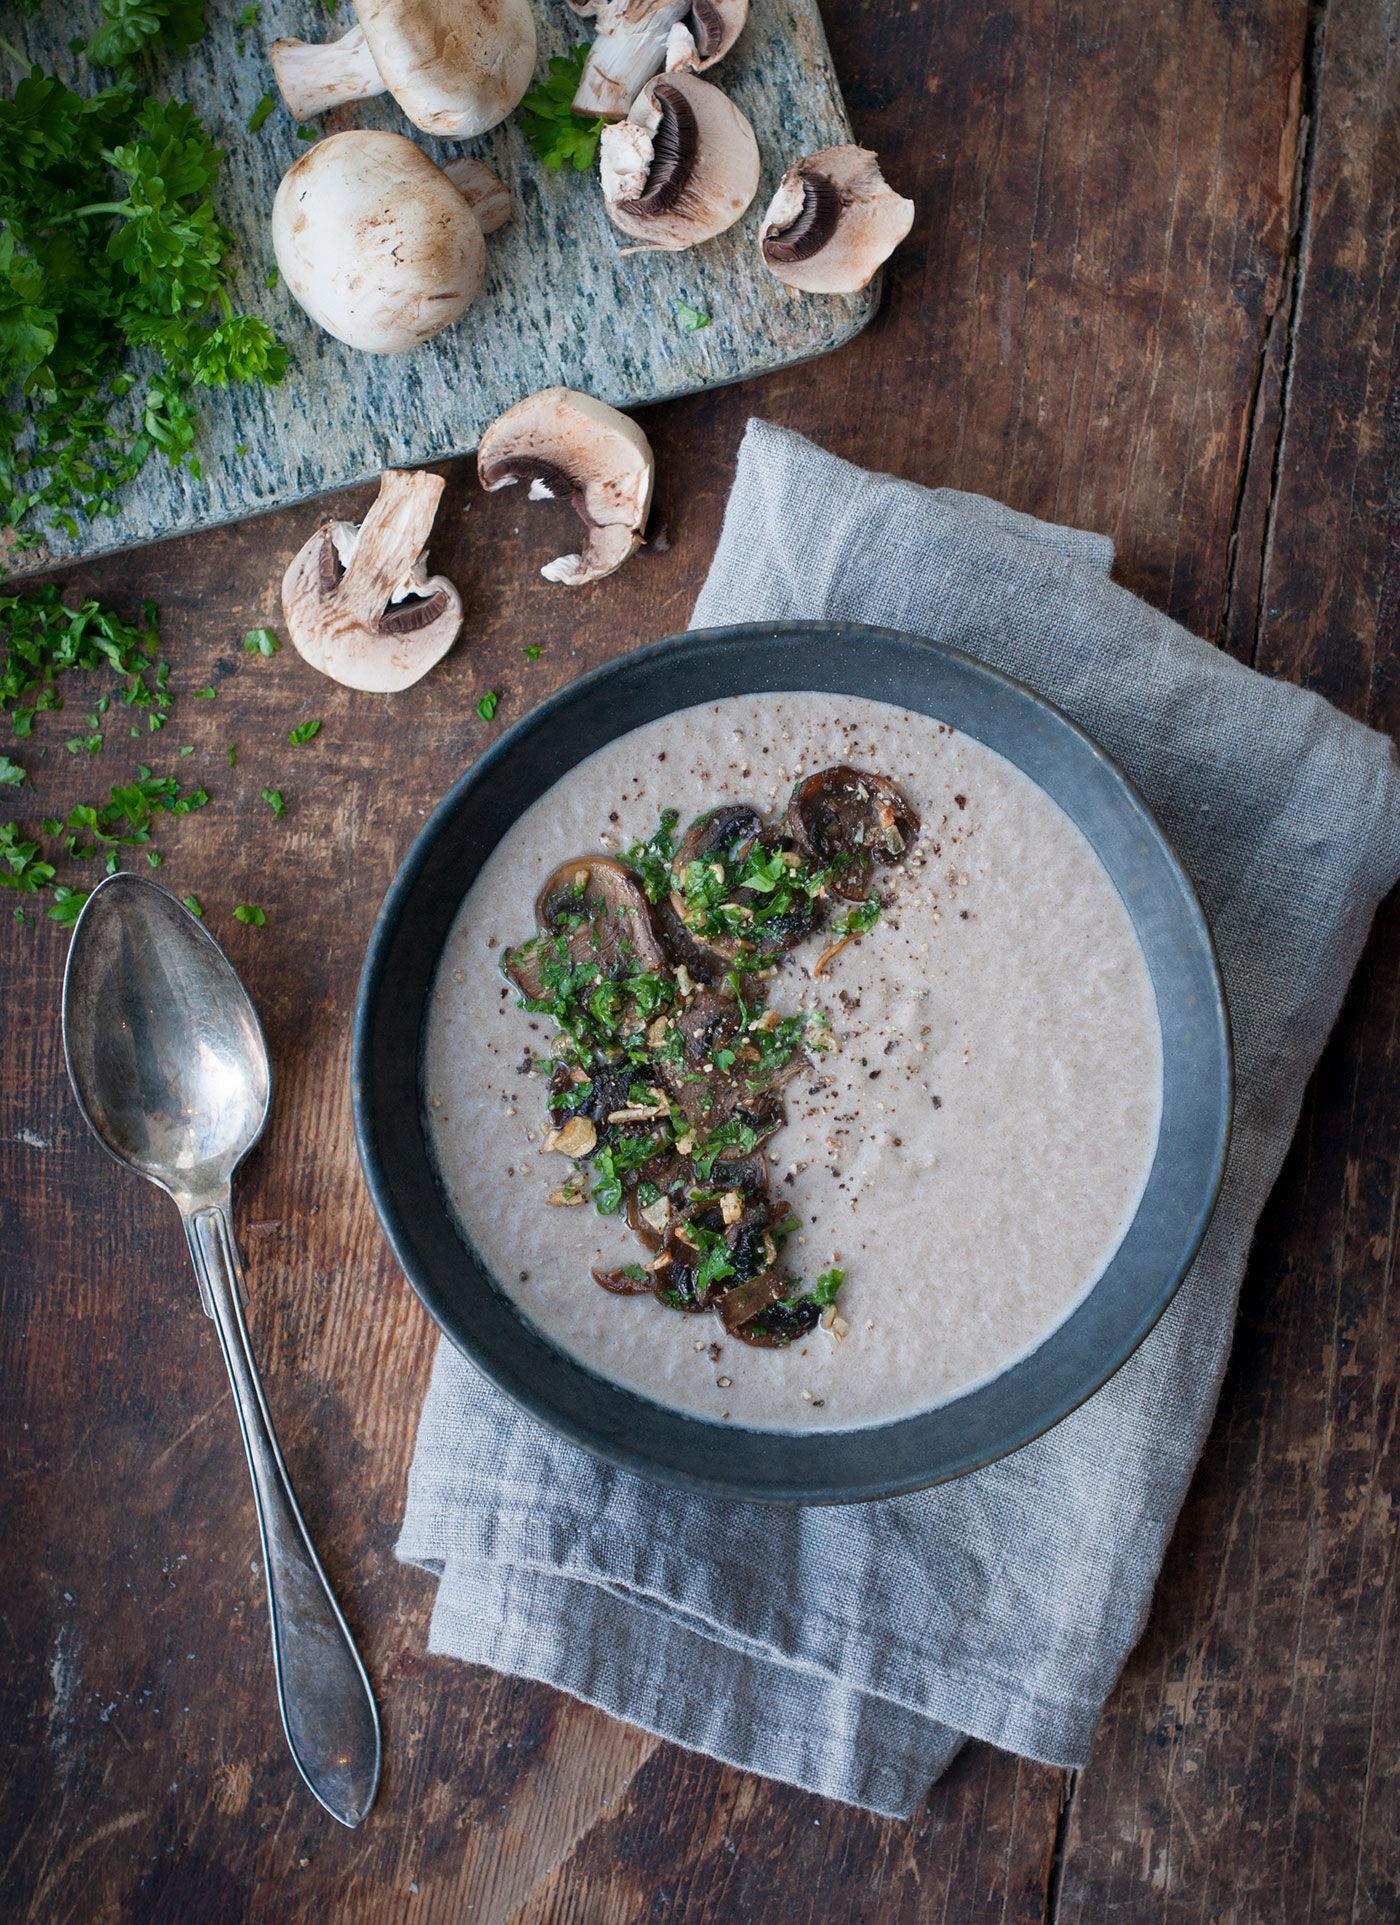 Krämig champinjonsoppa i en skål på ett rustikt träbord och en linneservett.